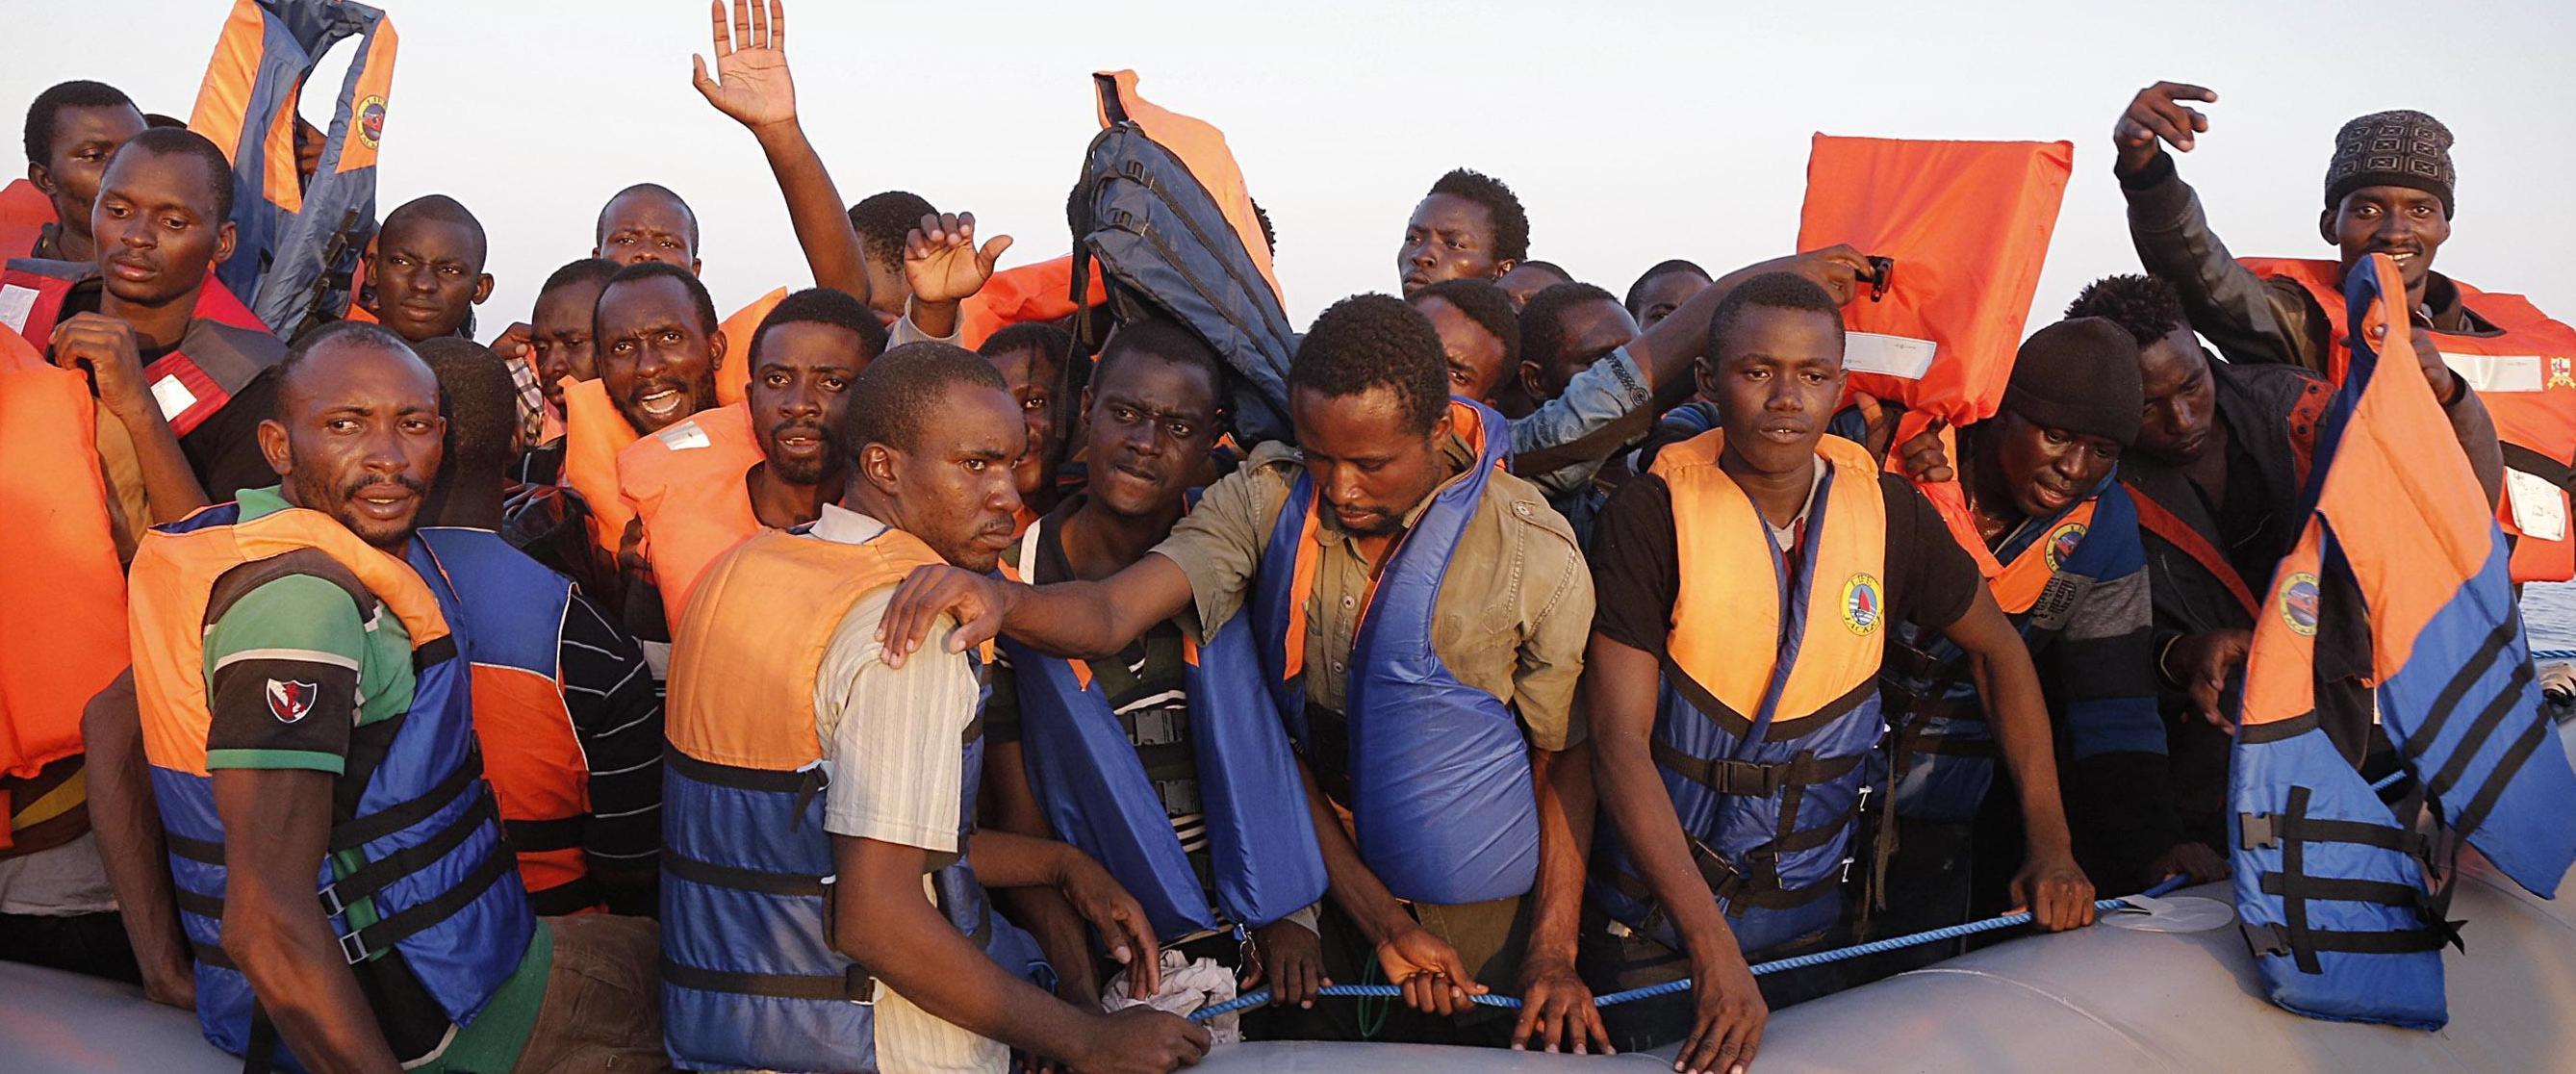 Un barcone con immigrati clandestini soccorso dalla nostra marina militare